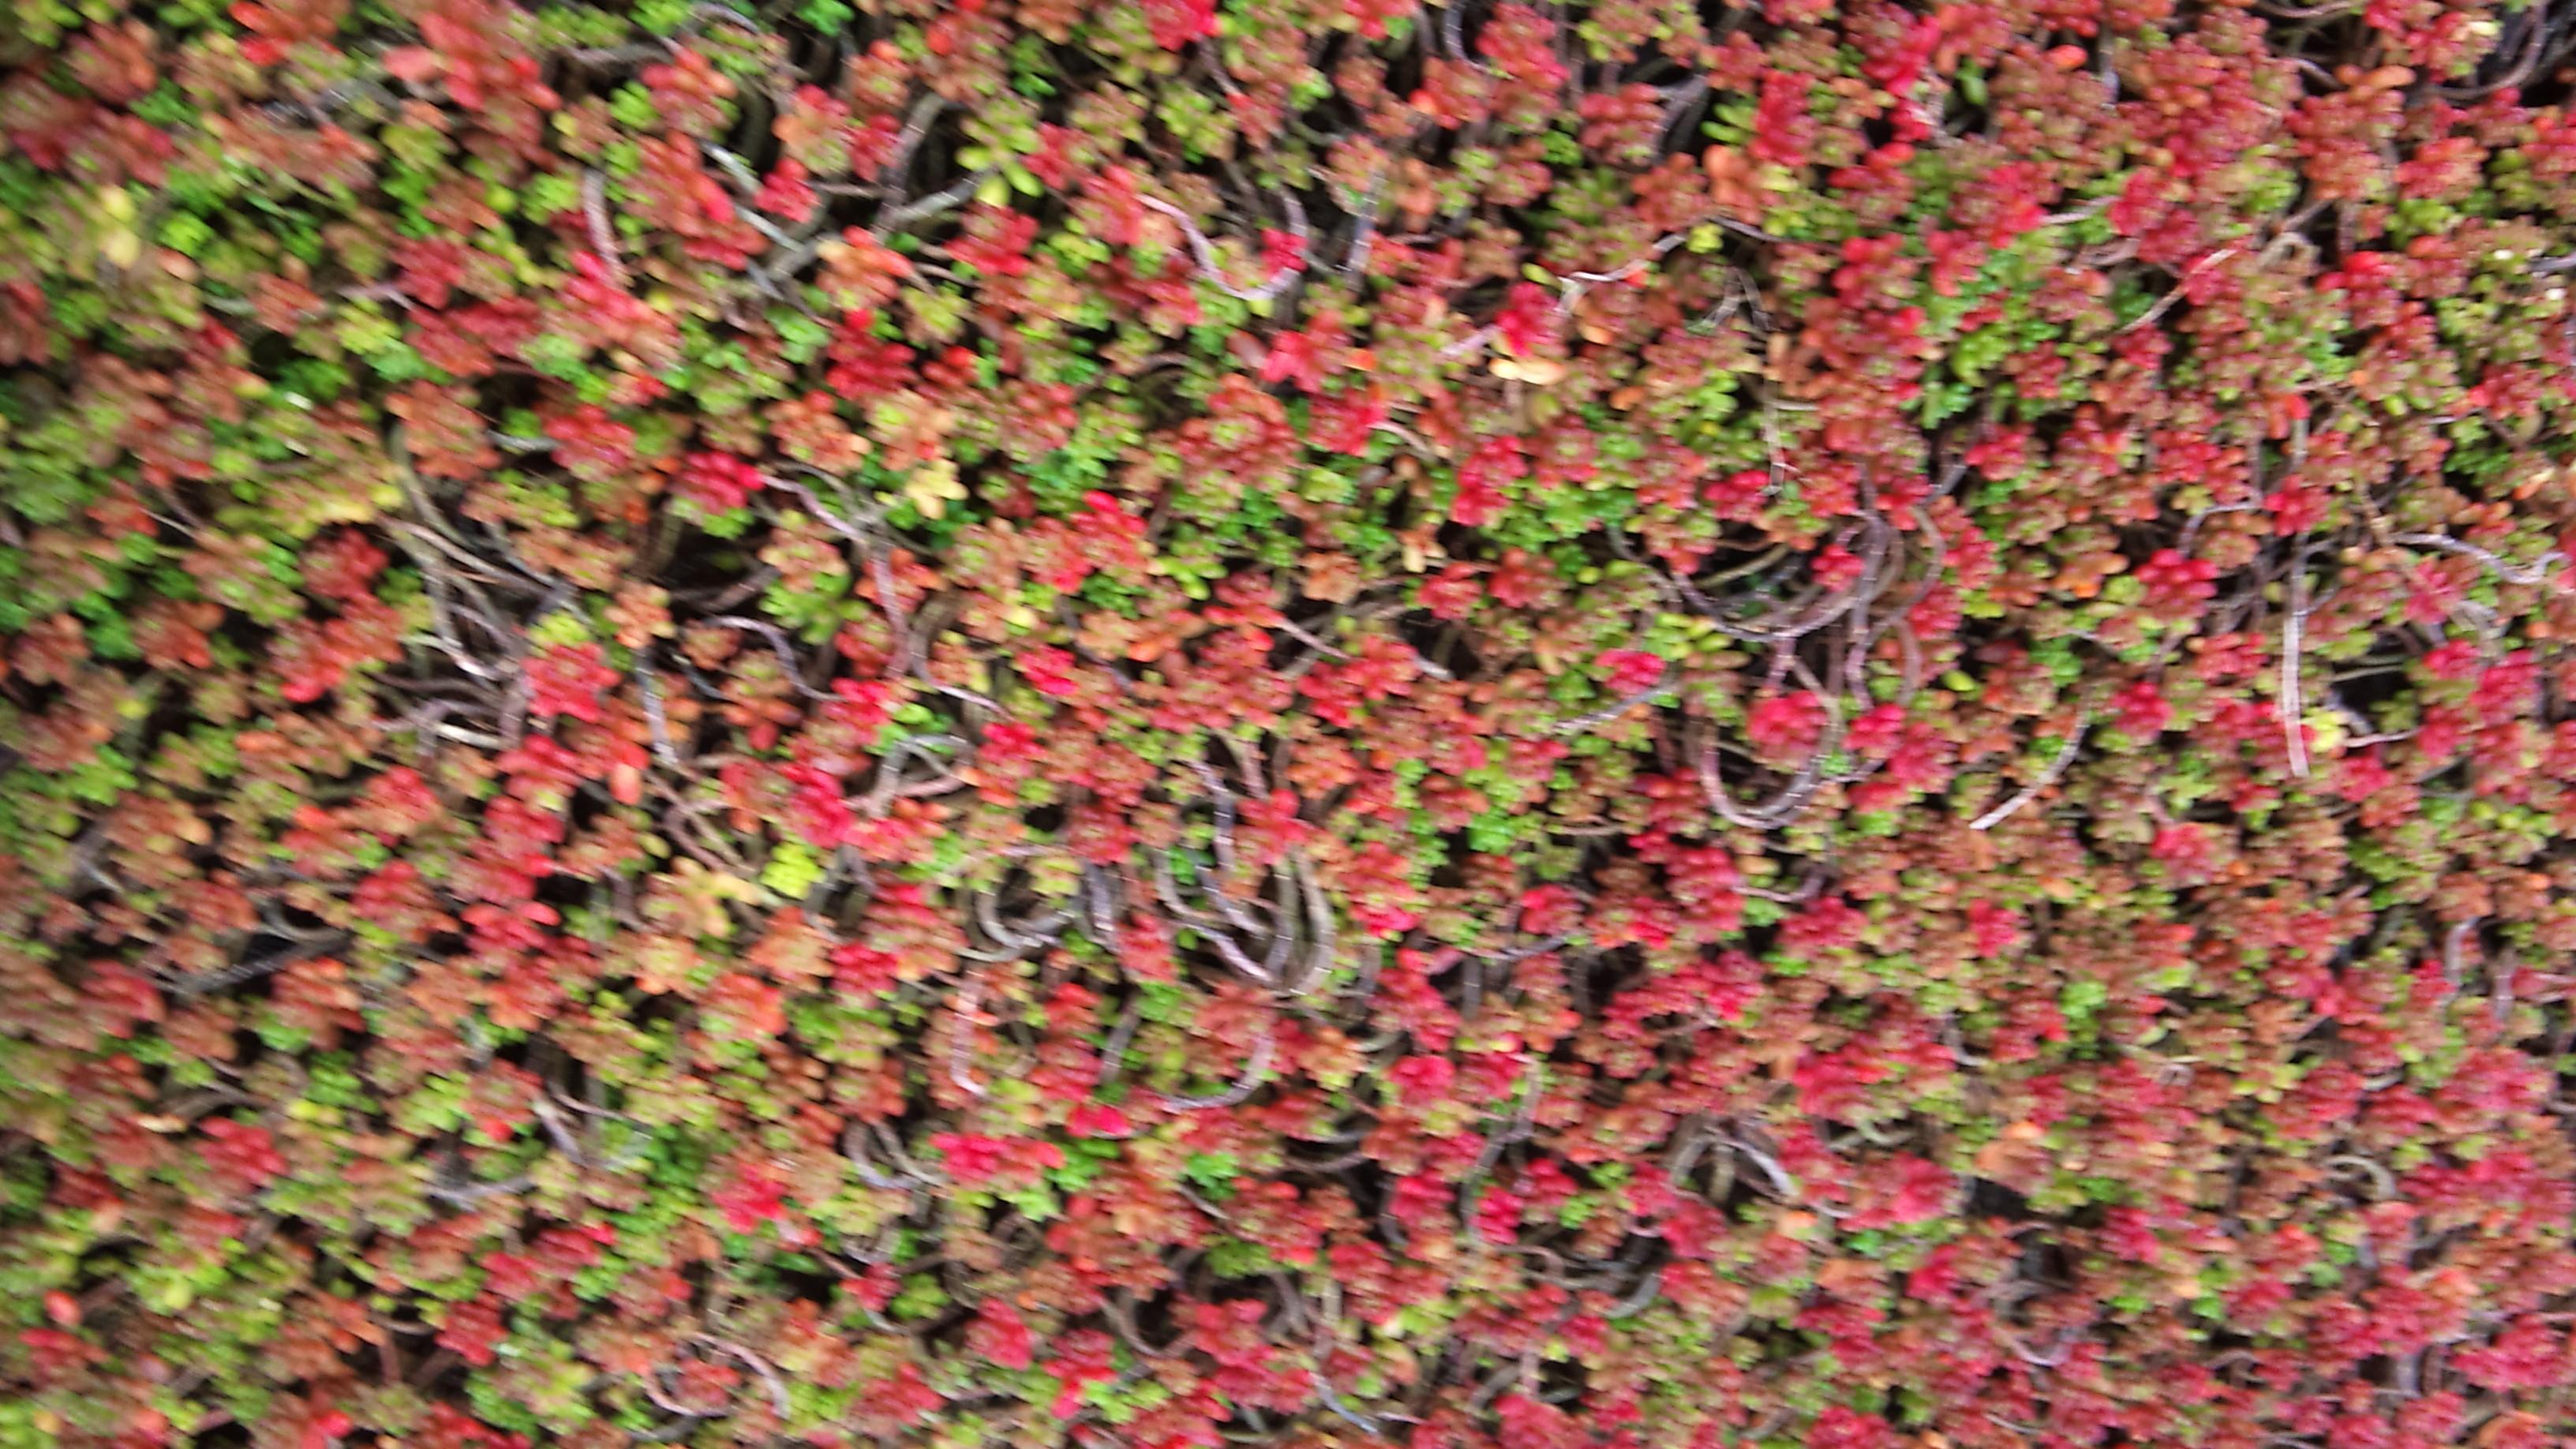 Alle bedrijven online vetkruid pagina 1 - Sedum album coral carpet ...